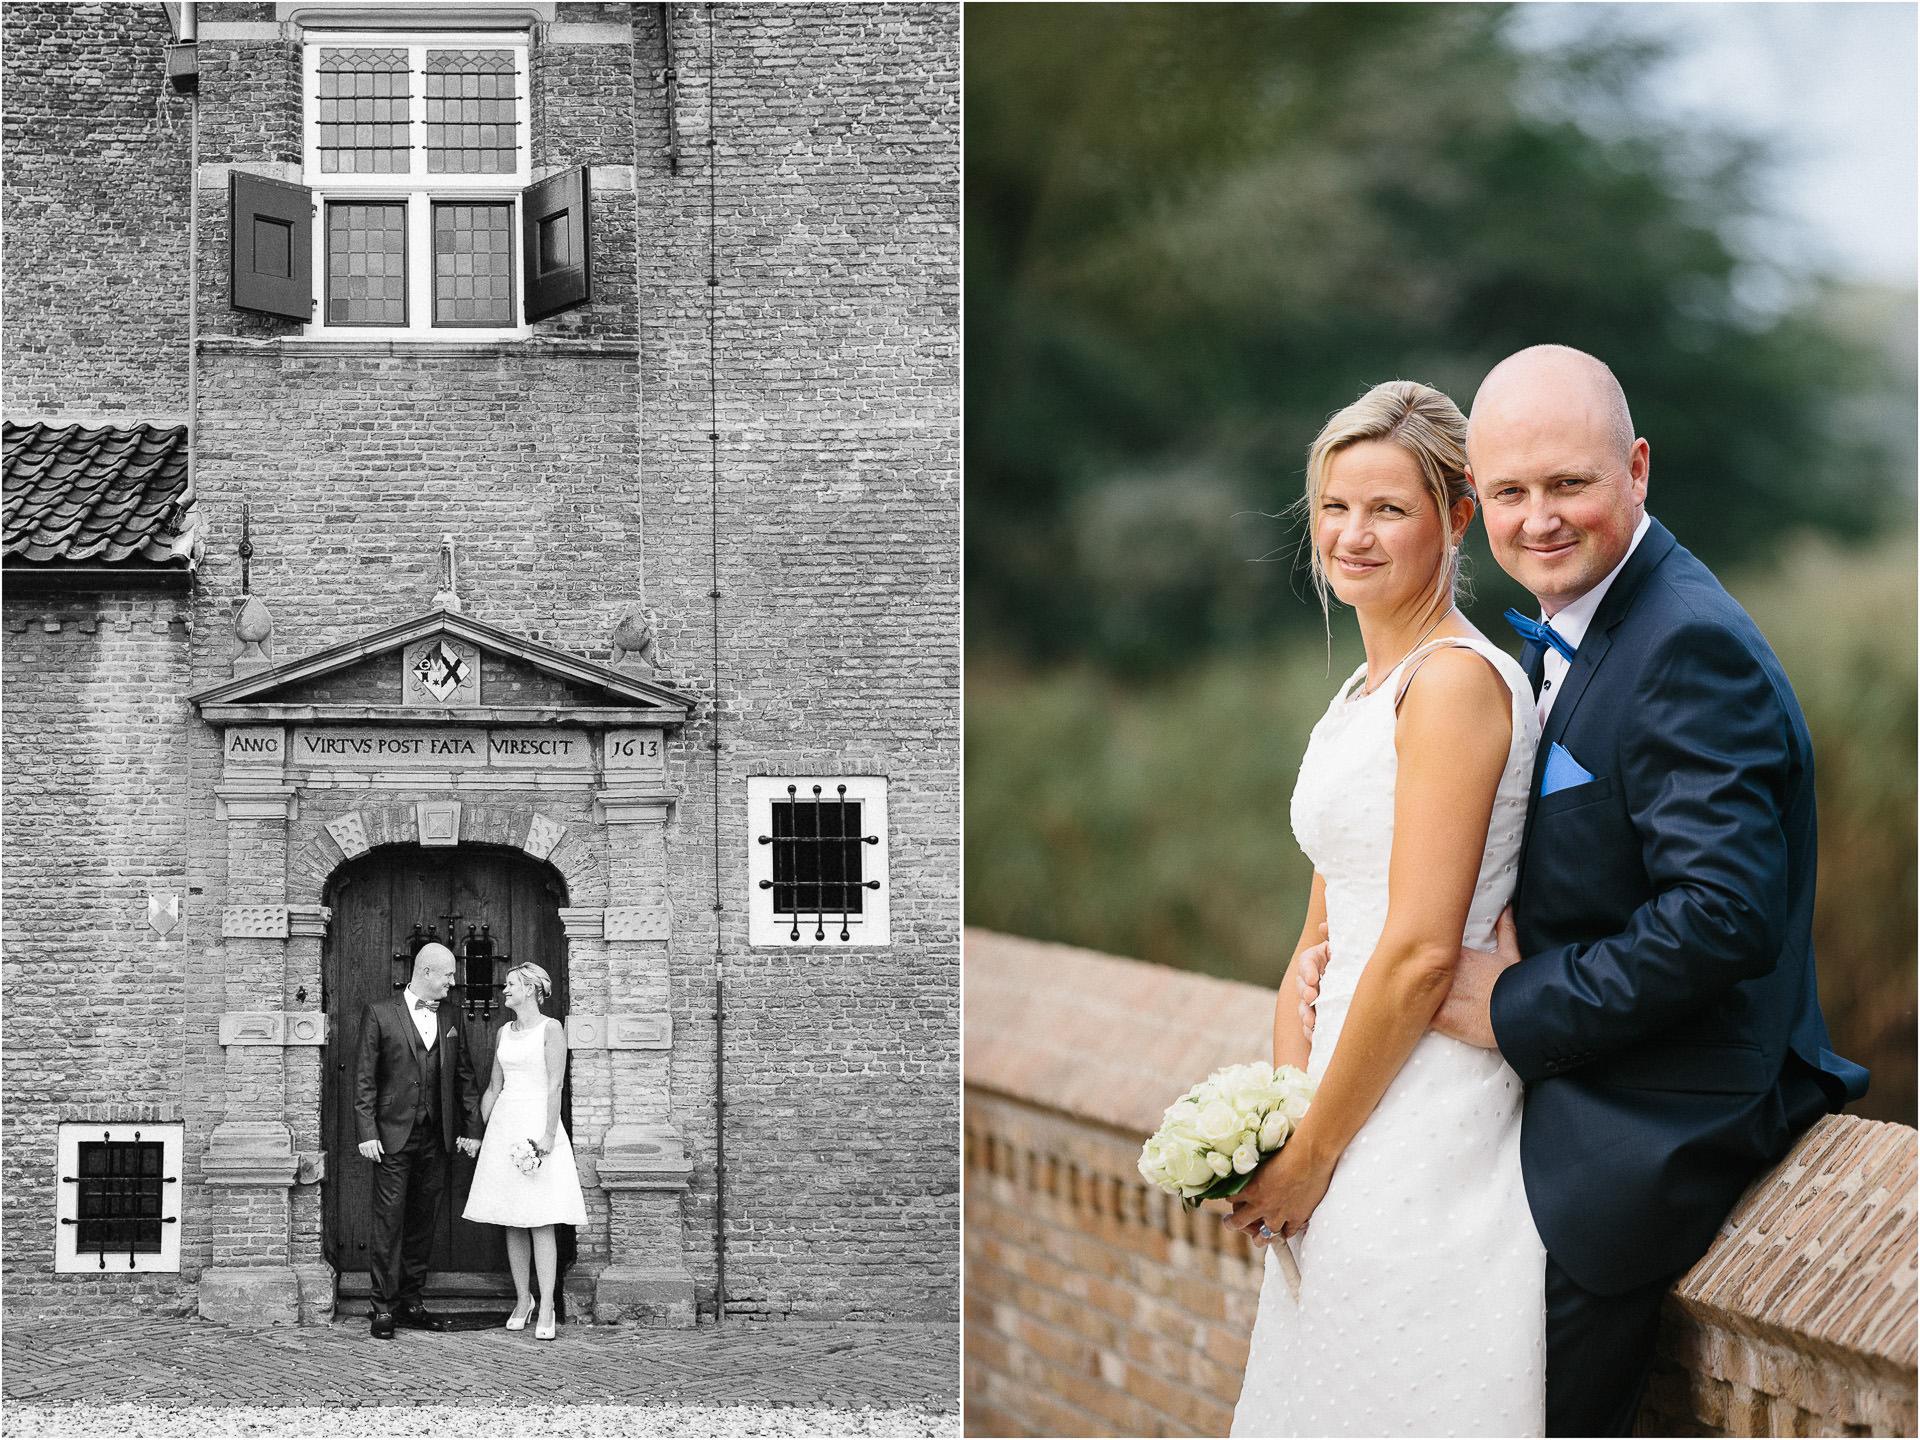 Huwelijksfotograaf Moermond Renesse